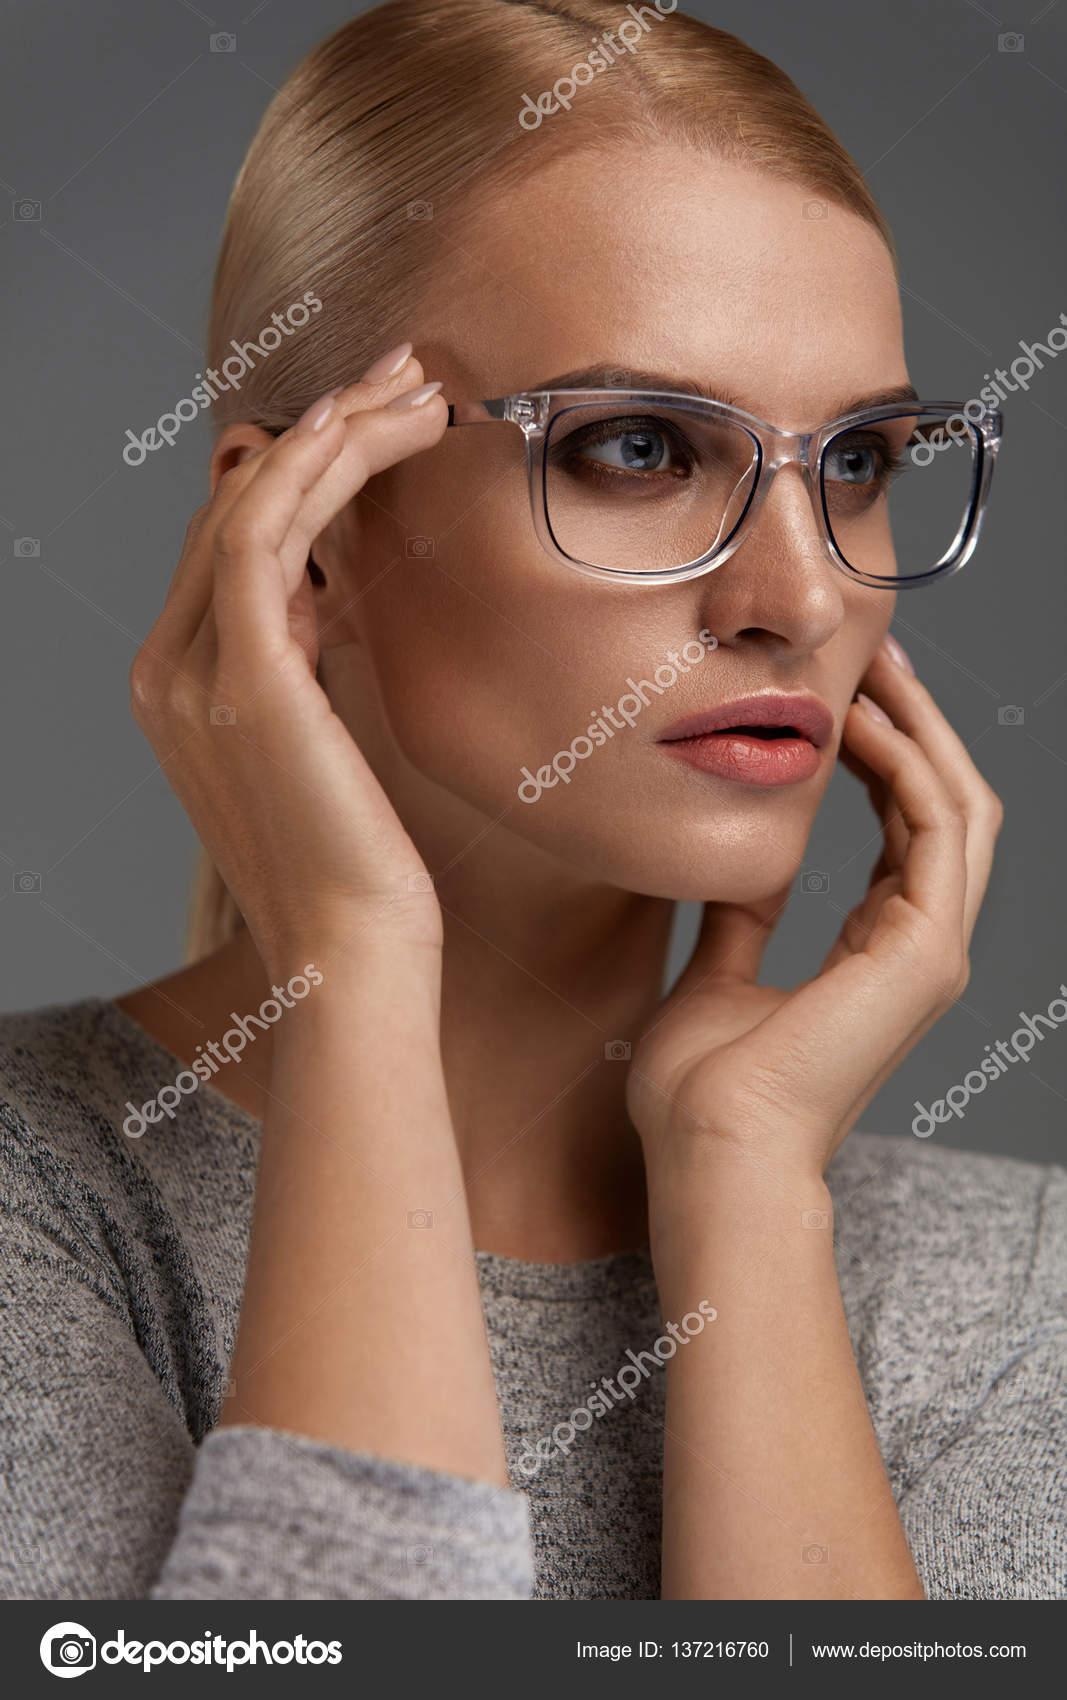 72cf9a0077 Gafas de moda de las mujeres. Hermosa hembra joven Sexy luciendo elegantes  lentes ópticas en retrato de fondo gris. Chica modelo atractivo en el marco  de ...